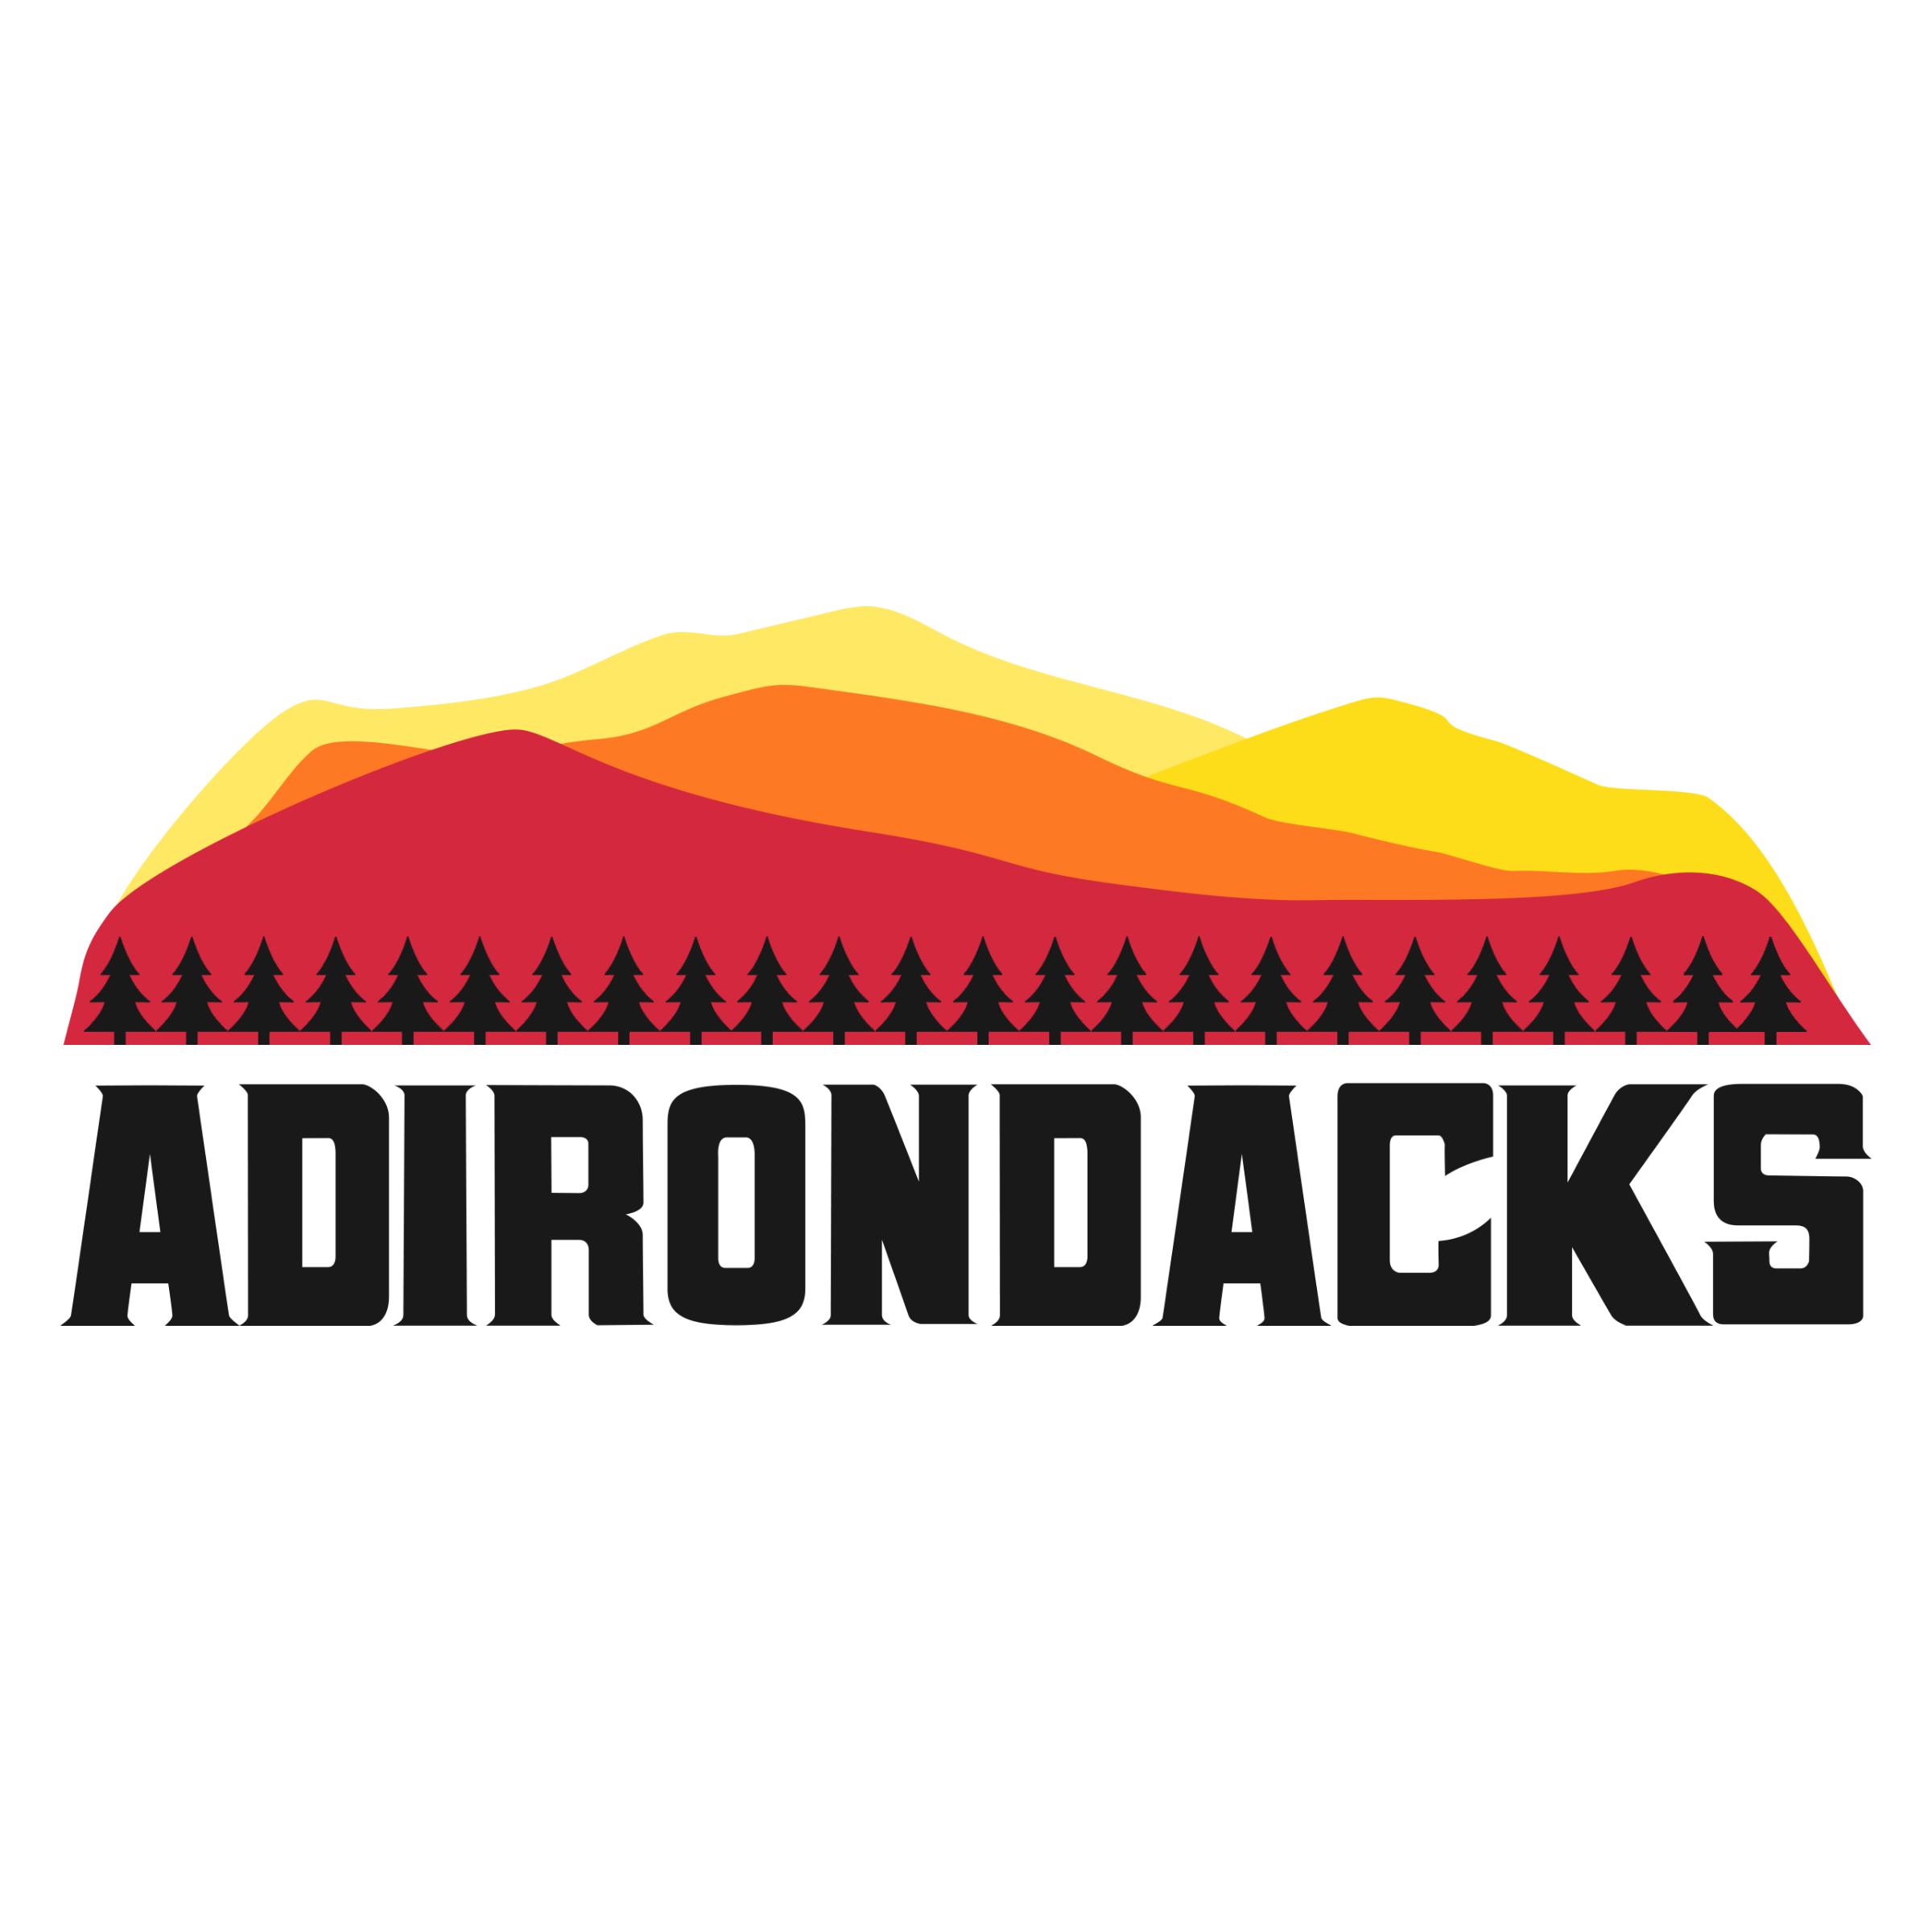 Adirondacks - New York